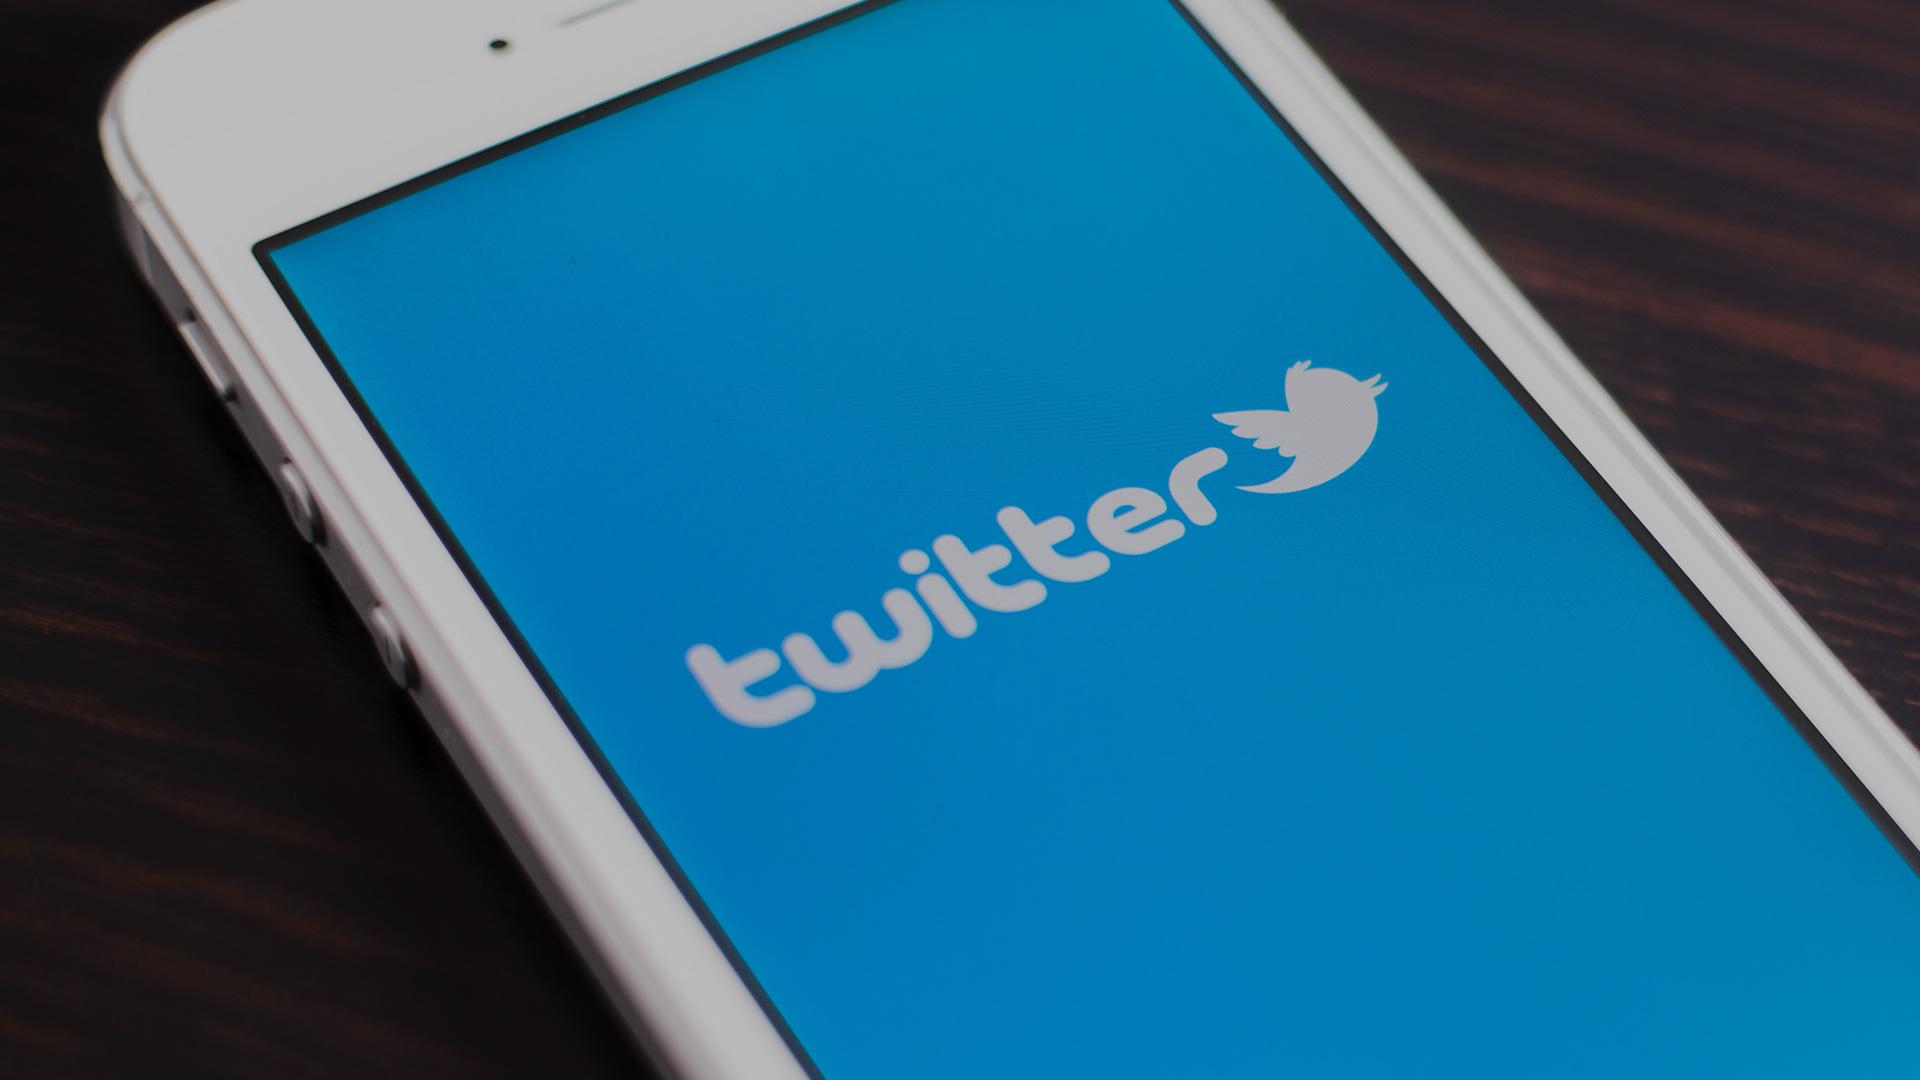 Ufficio stampa: valorizzare la copertura mediatica su Twitter